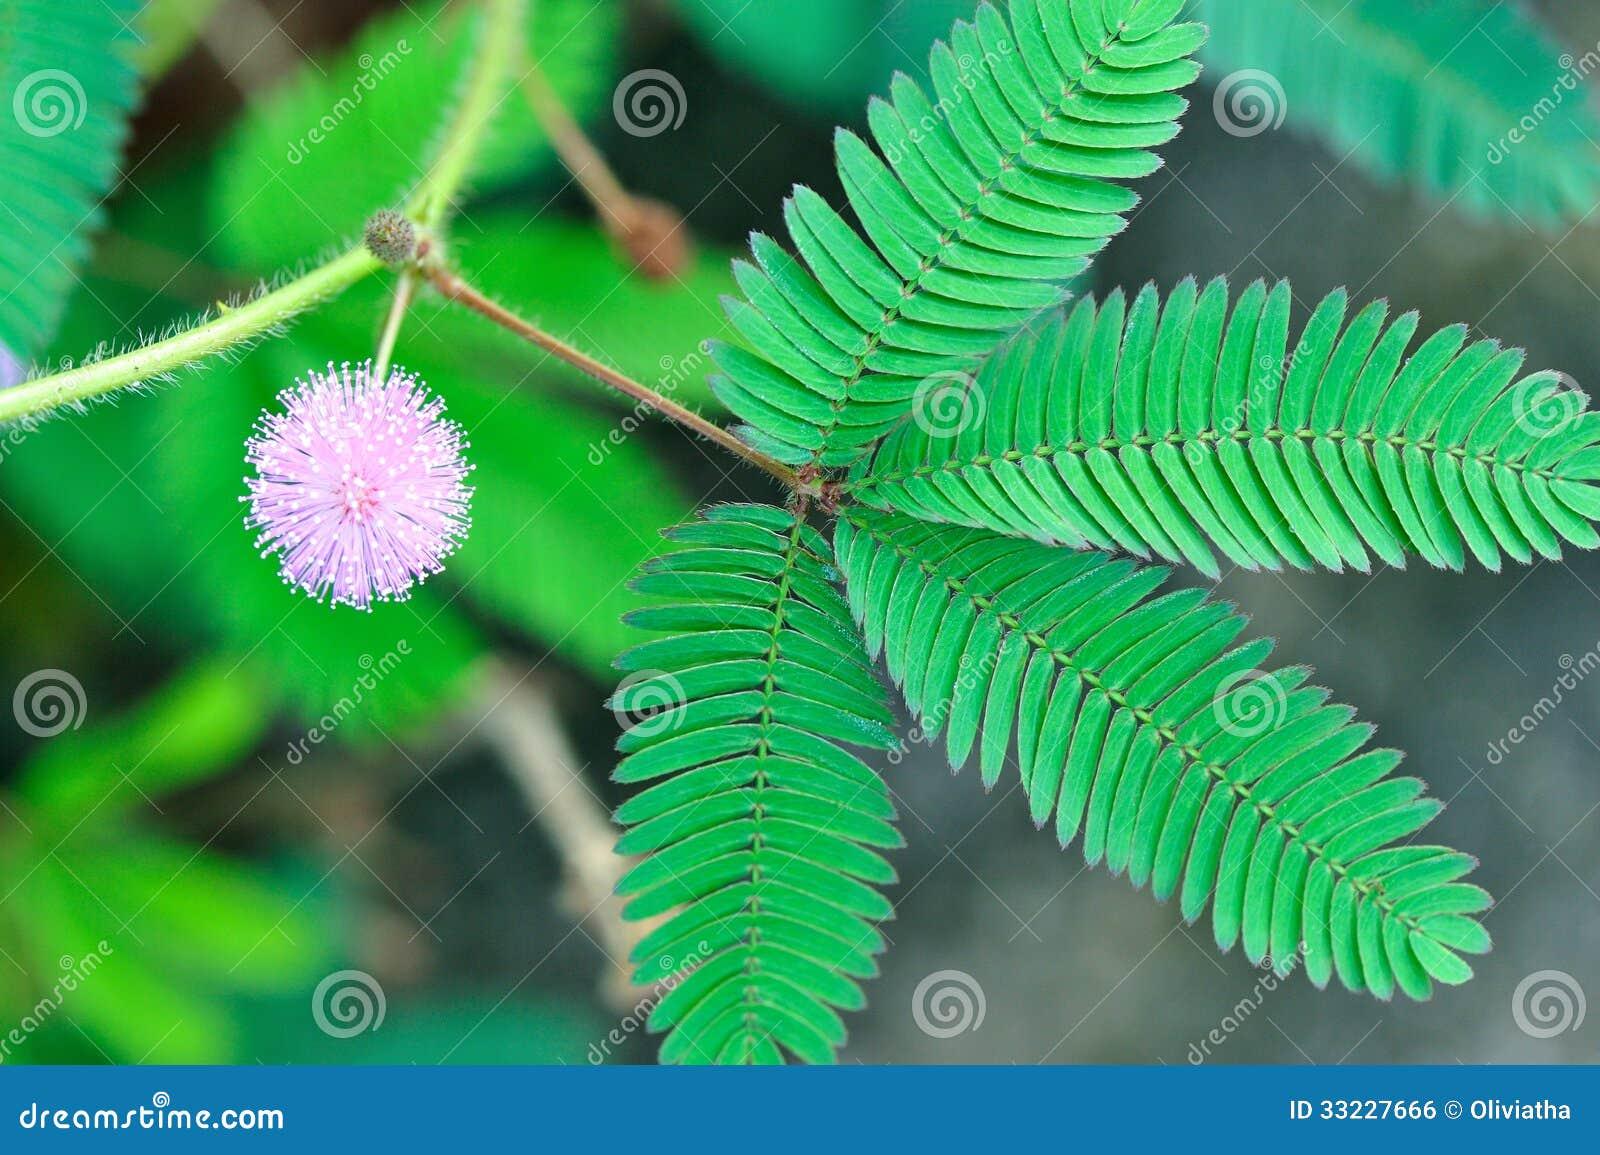 桃红色野花含羞草pudica和绿色叶子.图片